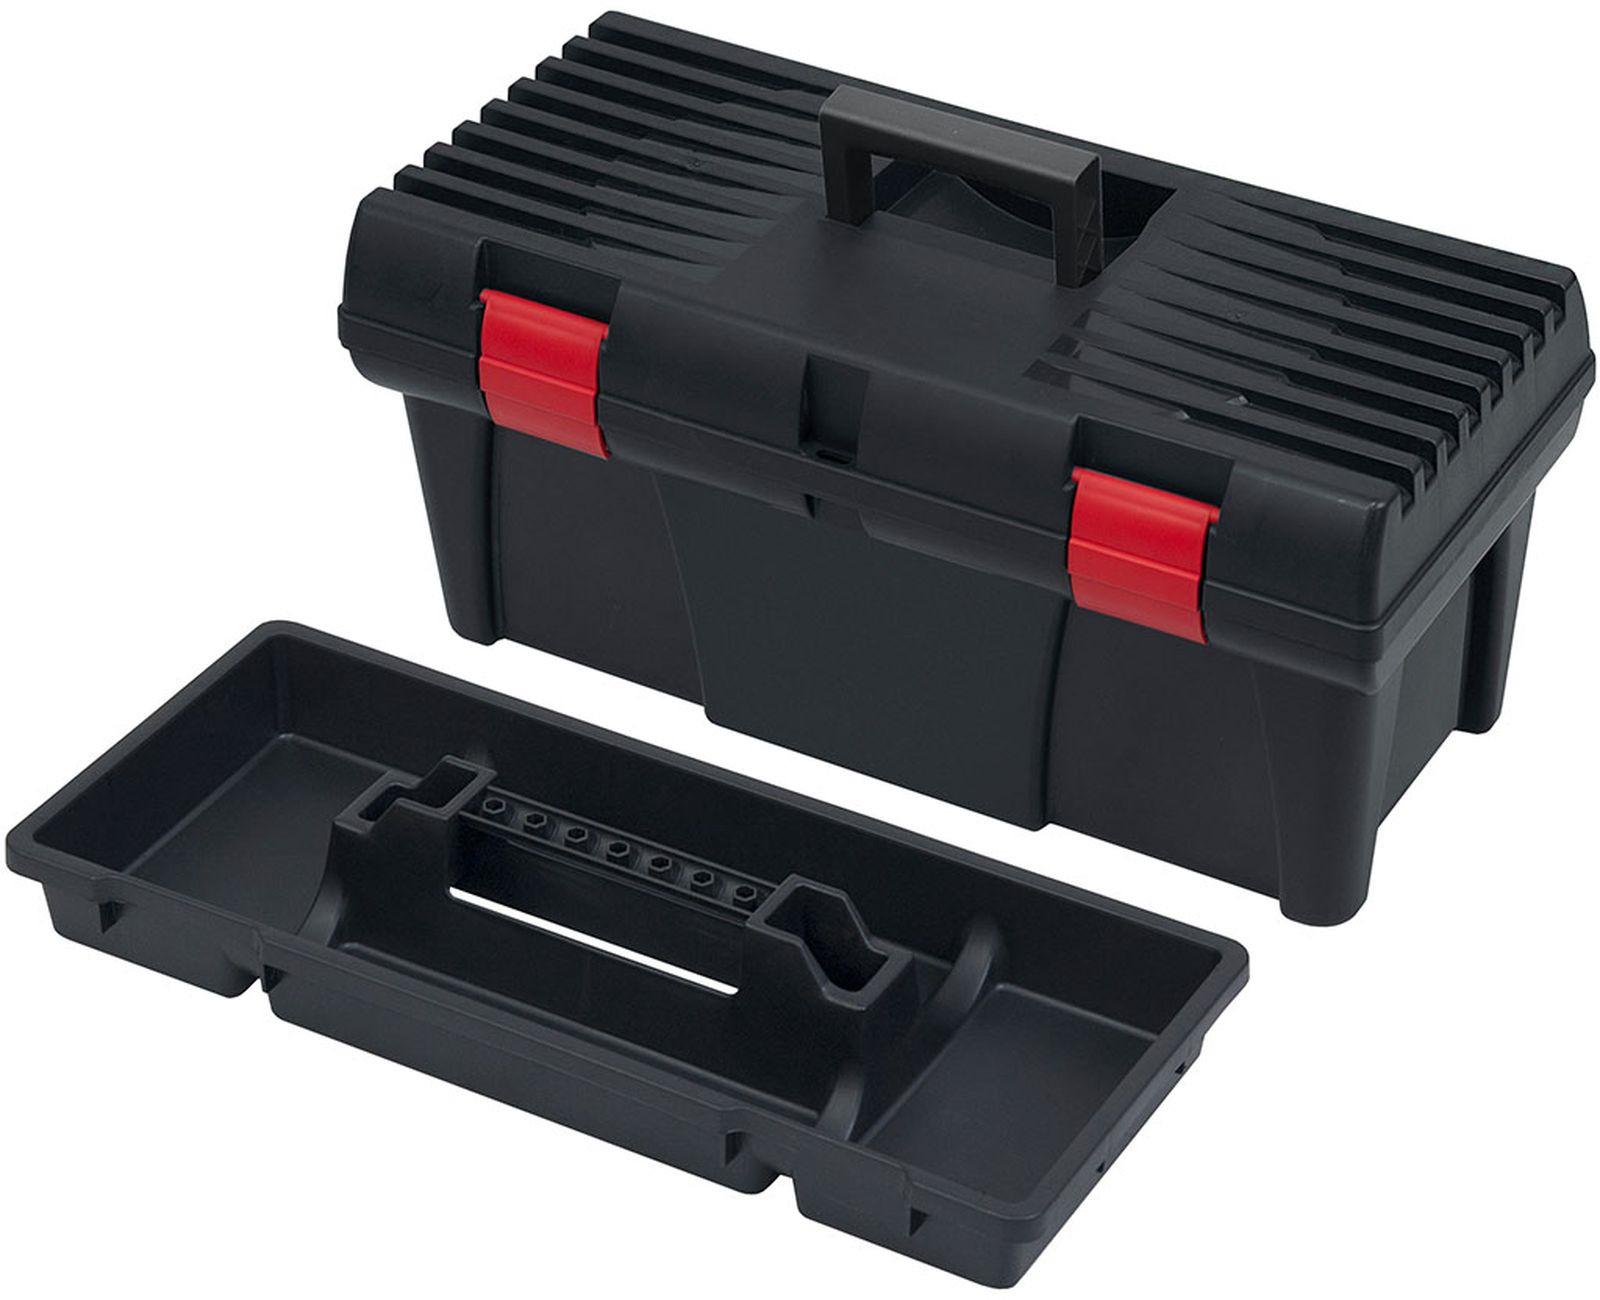 Ящик для инструментов Patrol Stuff, 146175, черный, 53 х 26 х 25 см сумка для инструментов berger мюриц 48 х 26 х 25 см bg1193